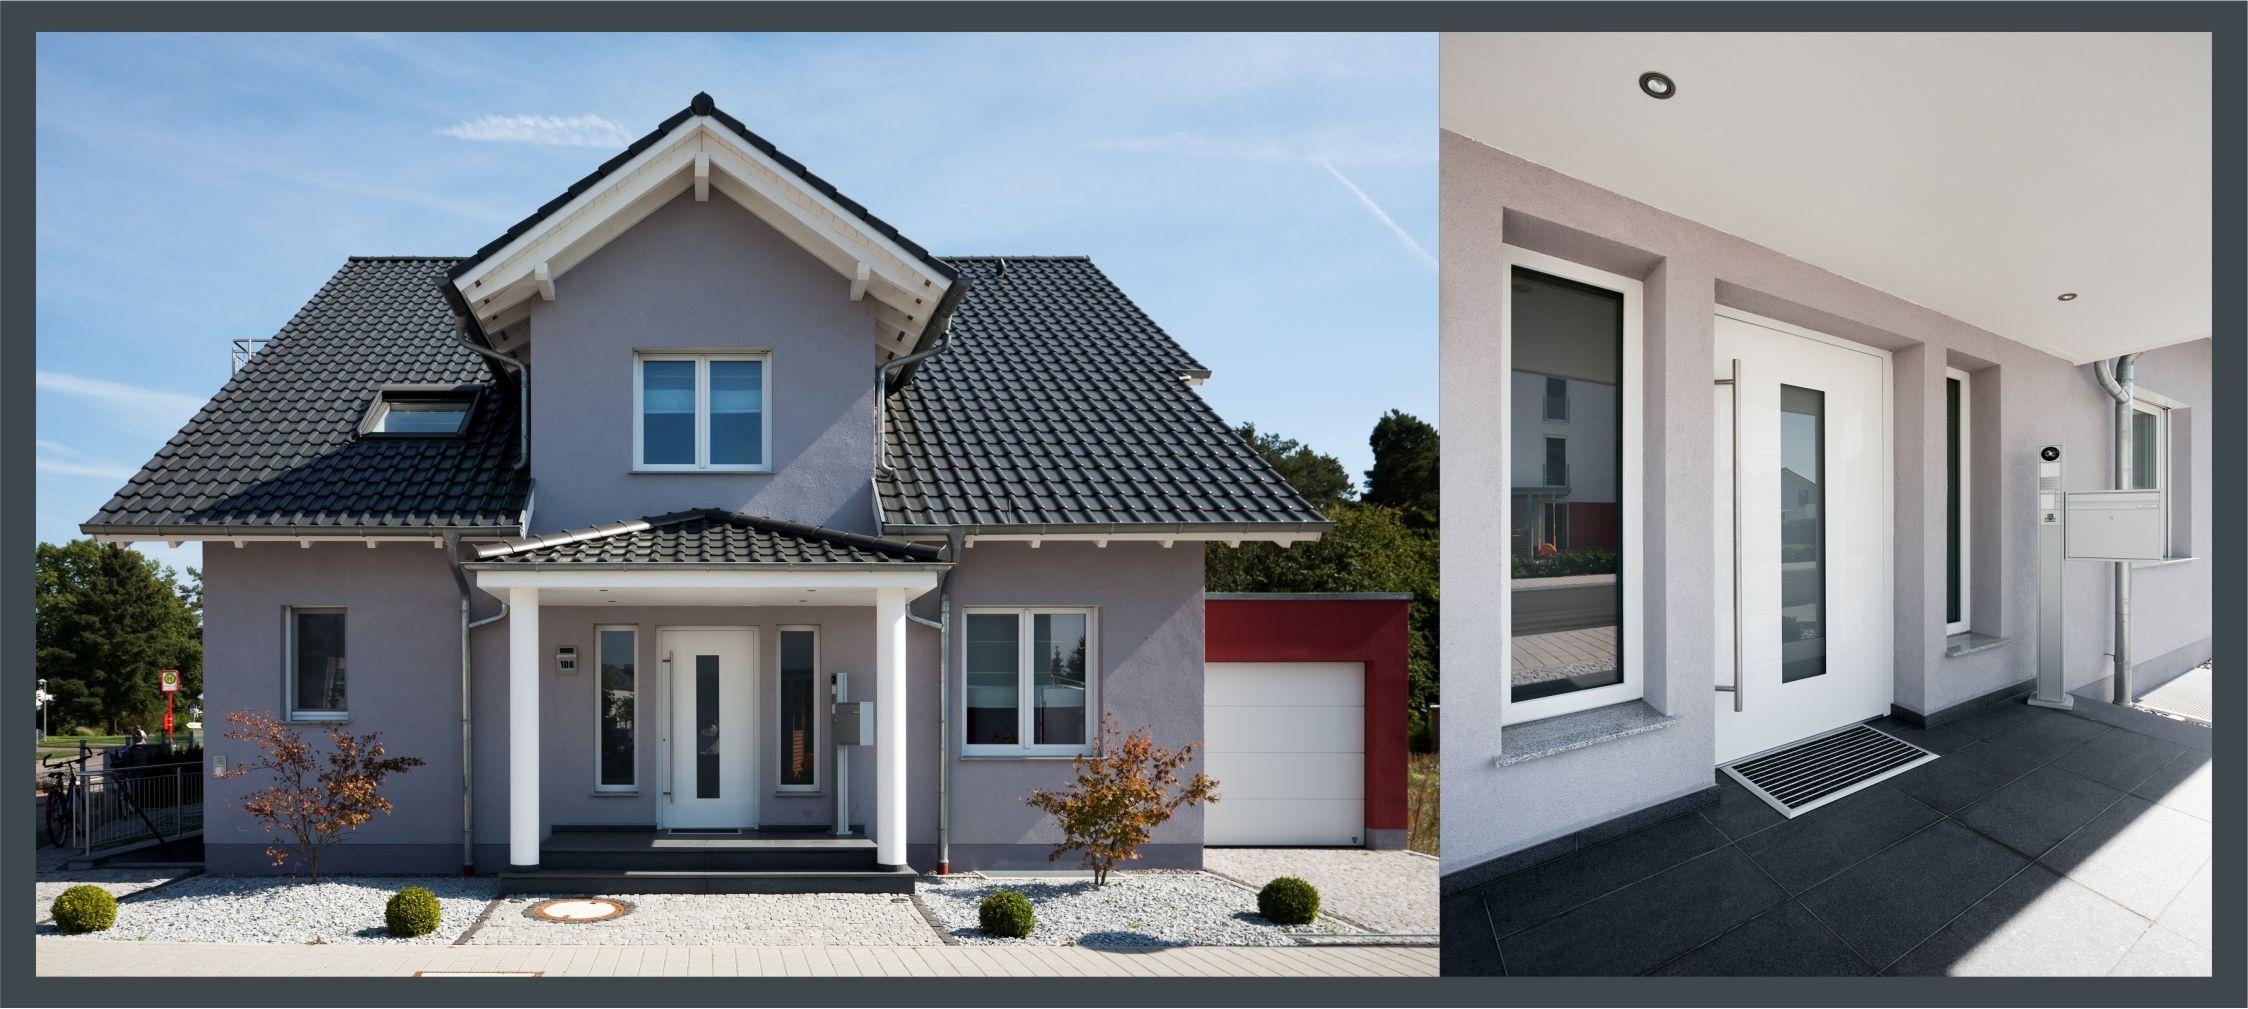 Traditionelle architektur mit modernen stilelementen macht dieses haus mit einfachen mitteln zum hingucker